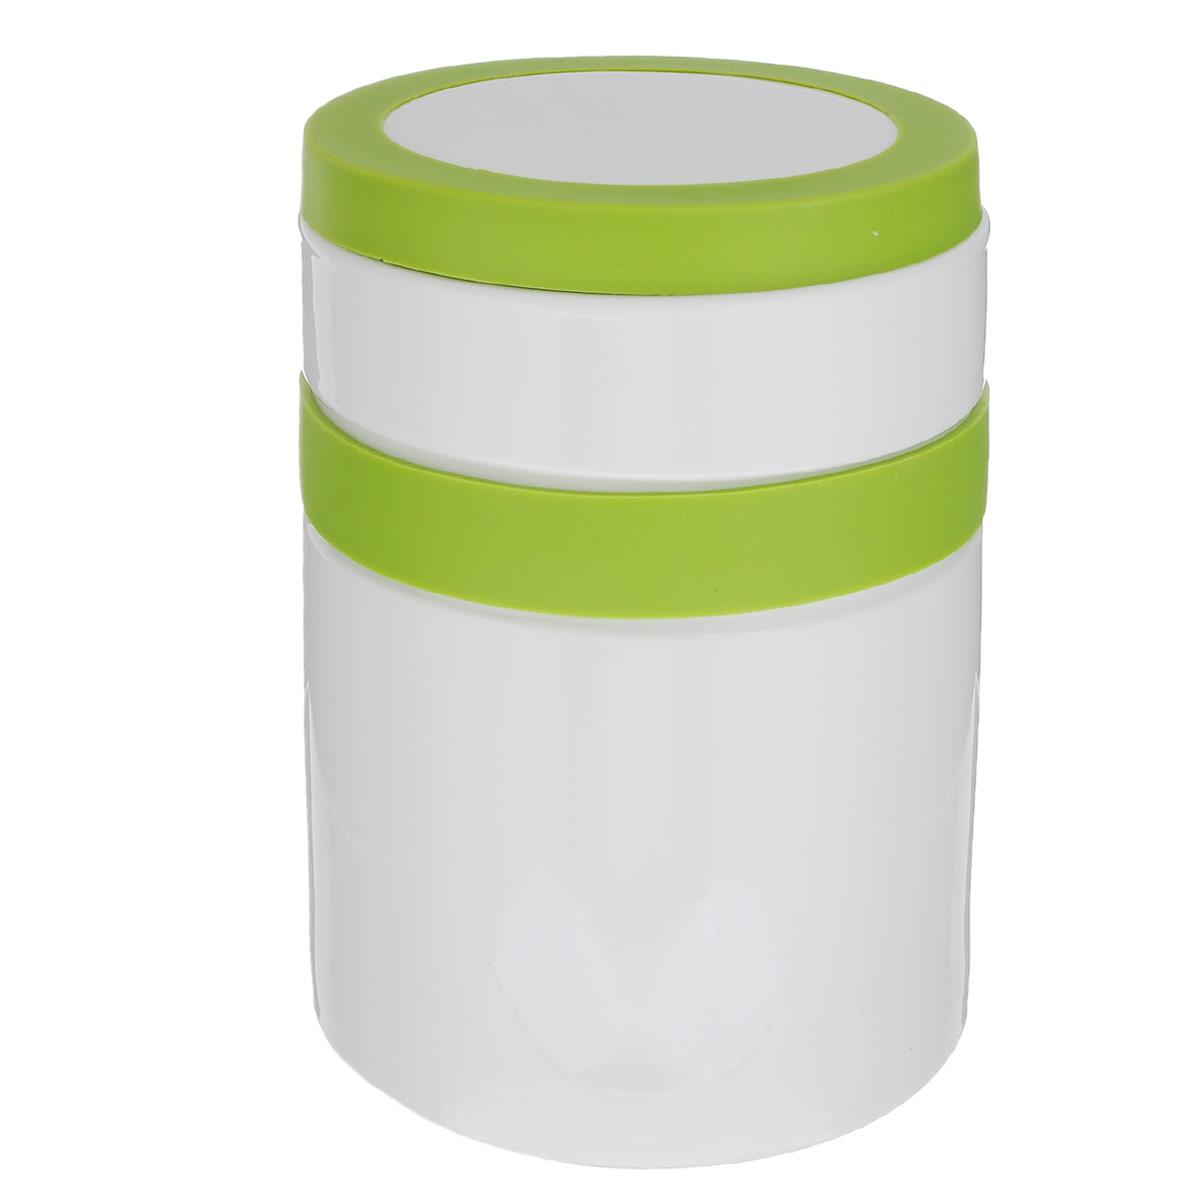 Банка для сыпучих продуктов House & Holder, цвет: салатовый, 0,825 л7D263Банка для сыпучих продуктов House & Holder изготовлена из прочной керамики и оснащена плотно закрывающейся крышкой с силиконовой вставкой. Благодаря этому, внутри сохраняется герметичность, и продукты дольше остаются свежими. Изделие предназначено для хранения различных сыпучих продуктов: круп, чая, сахара, орехов, специй и другого. Функциональная и вместительная, такая банка станет незаменимым аксессуаром на любой кухне.